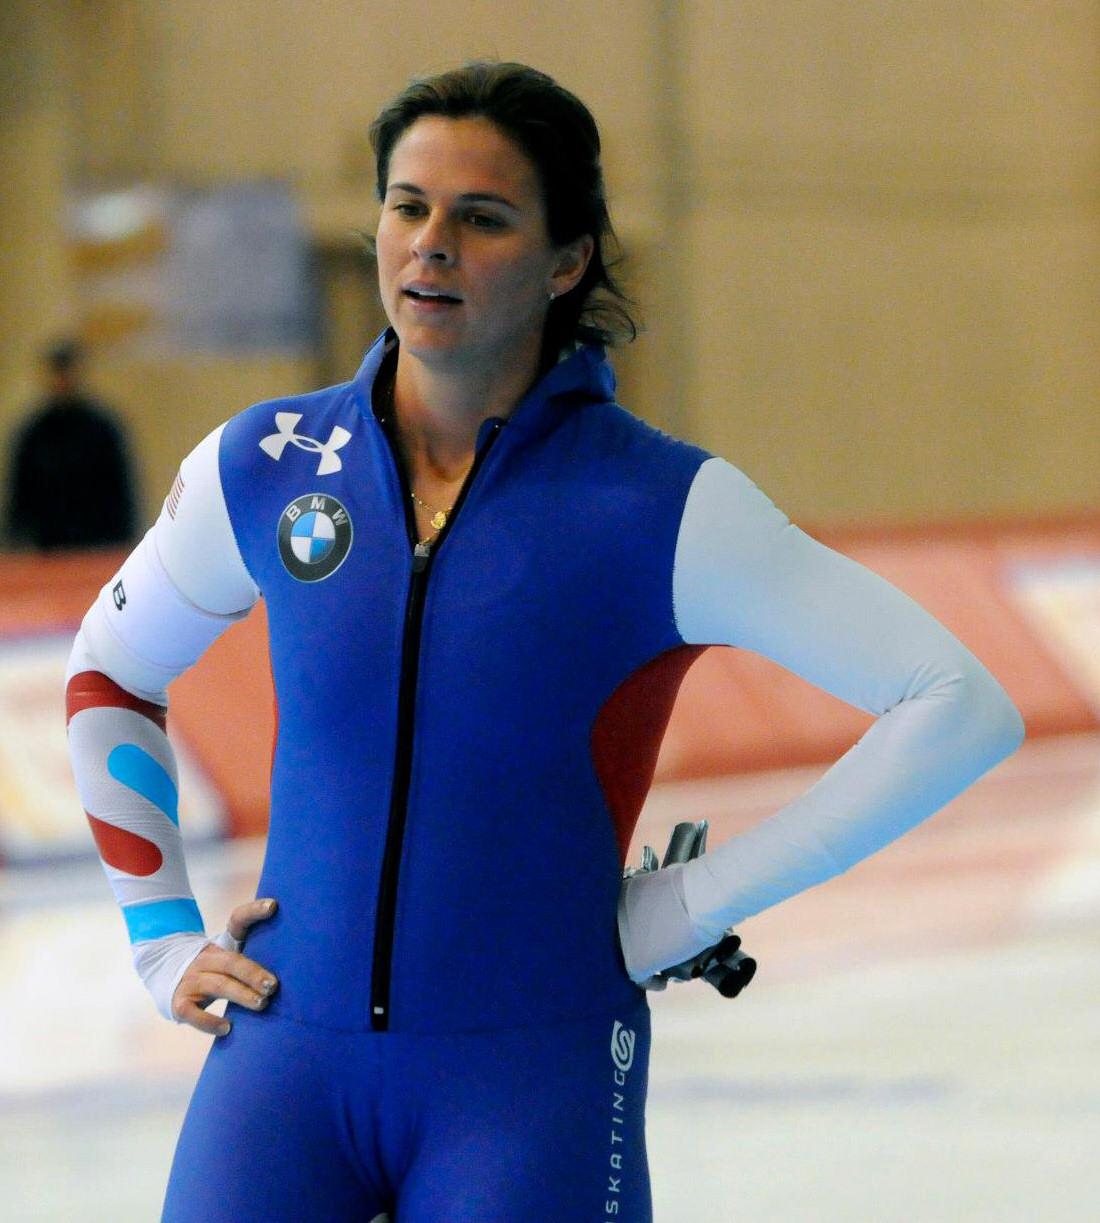 Brittany Bowe Sochi Speedskater 10